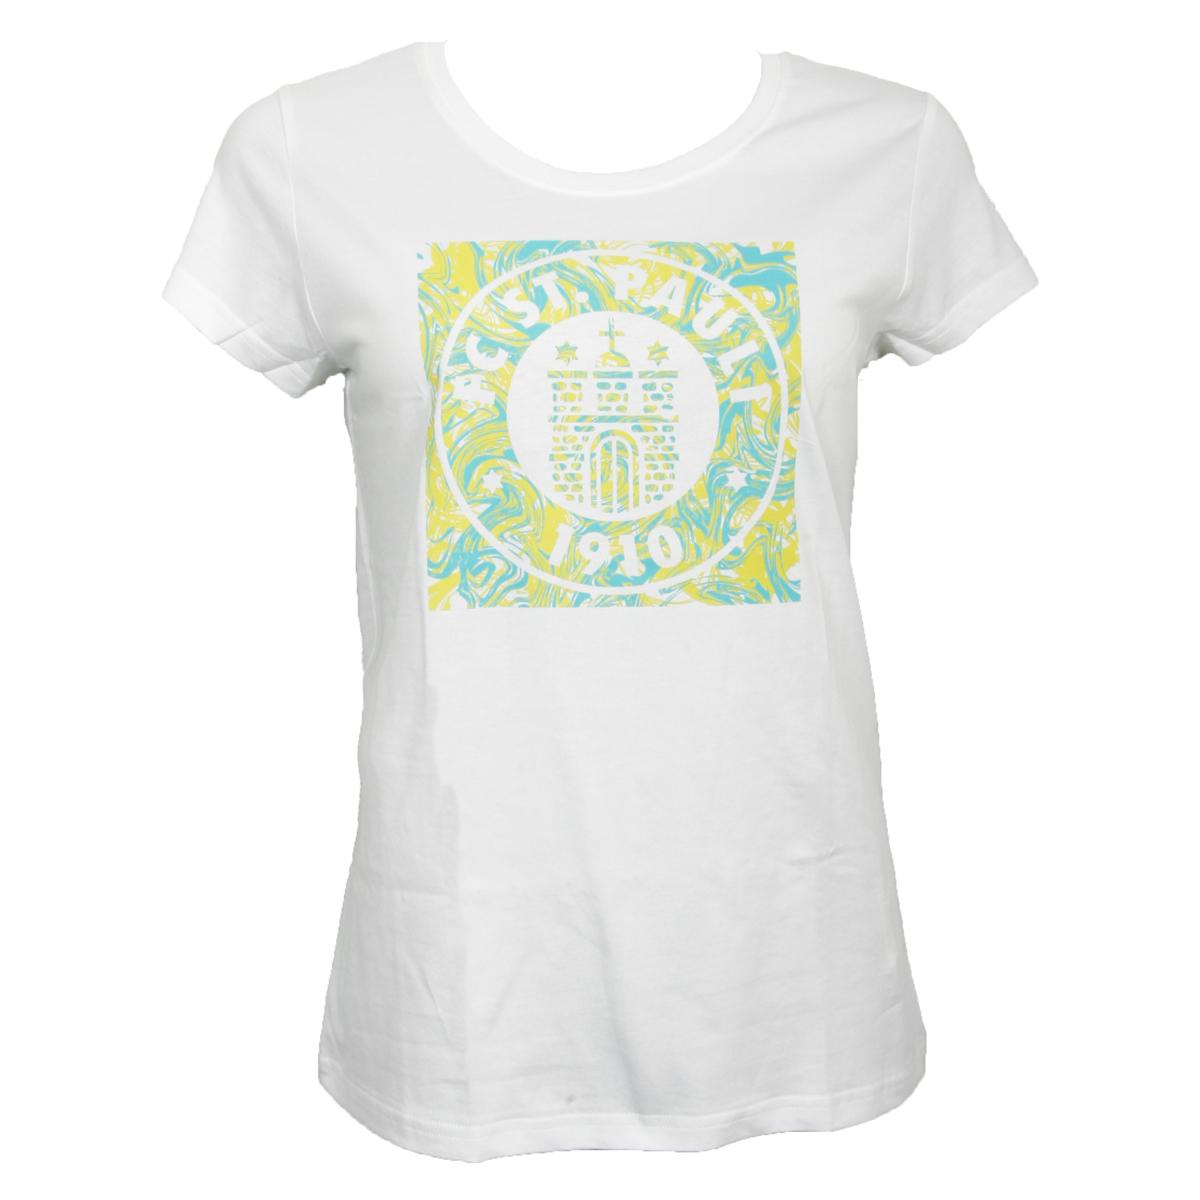 FC St. Pauli - Damen T-Shirt Wirbel - weiß